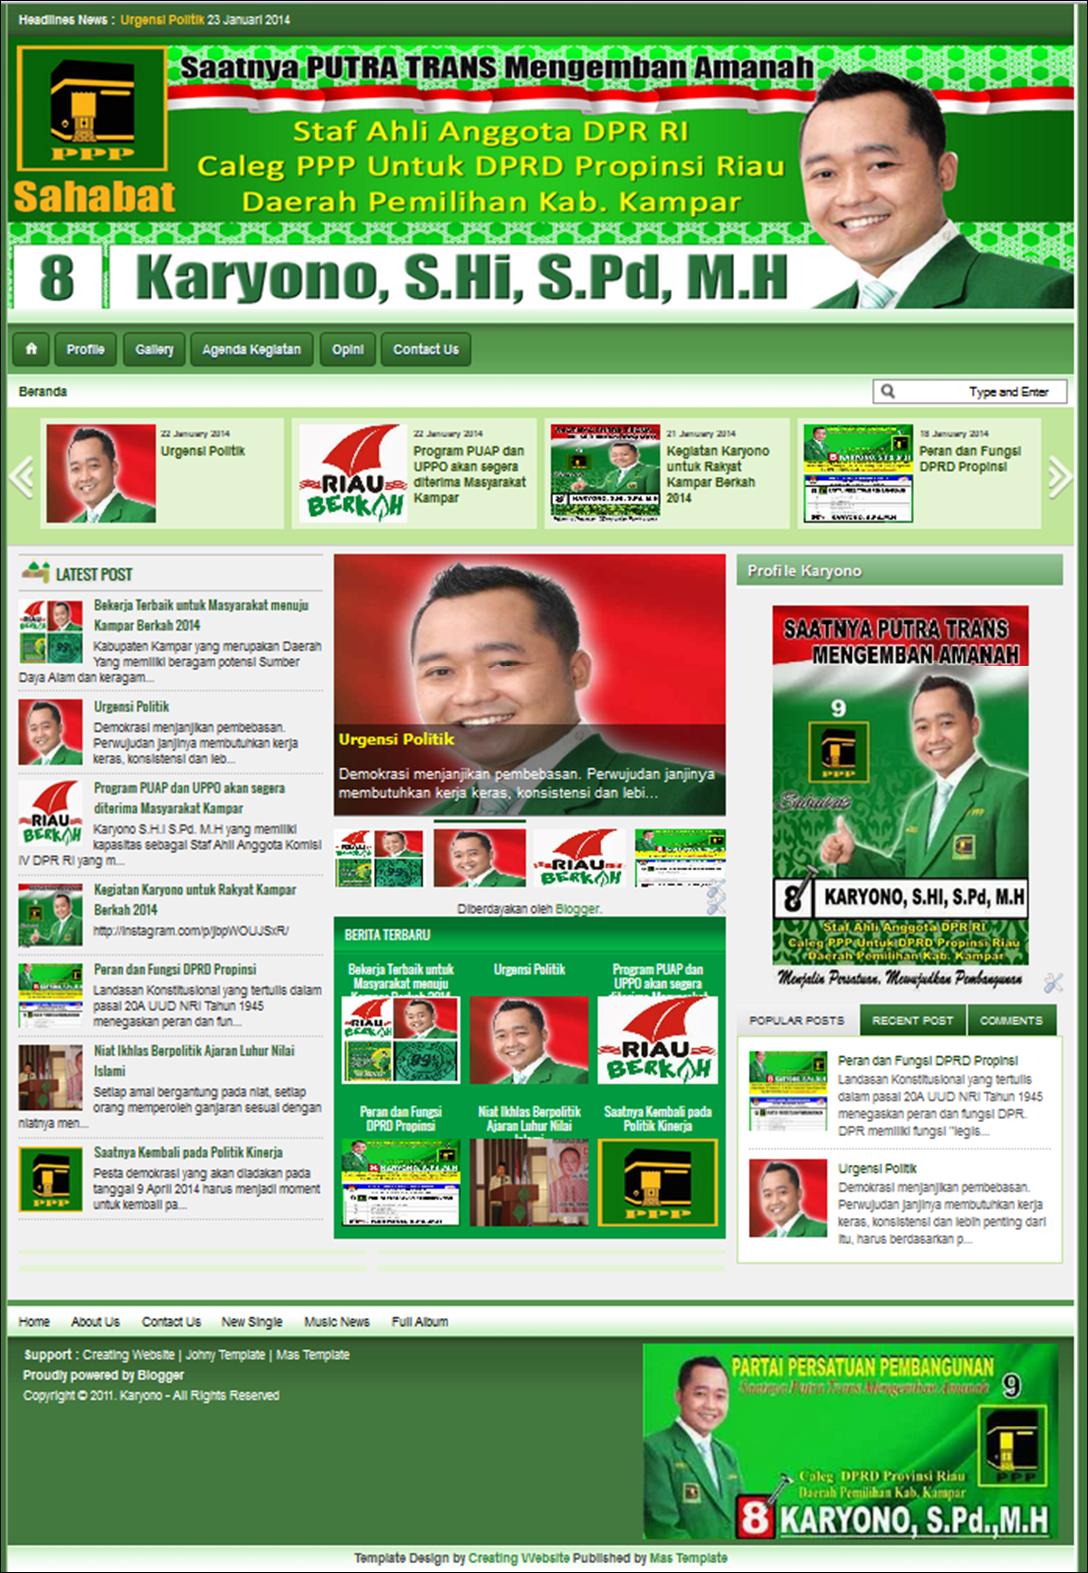 jasa pembuatan website, Jasa Pembuatan Website Kota Malang, jasa buat web murah, jasa buat web, jasa buat website